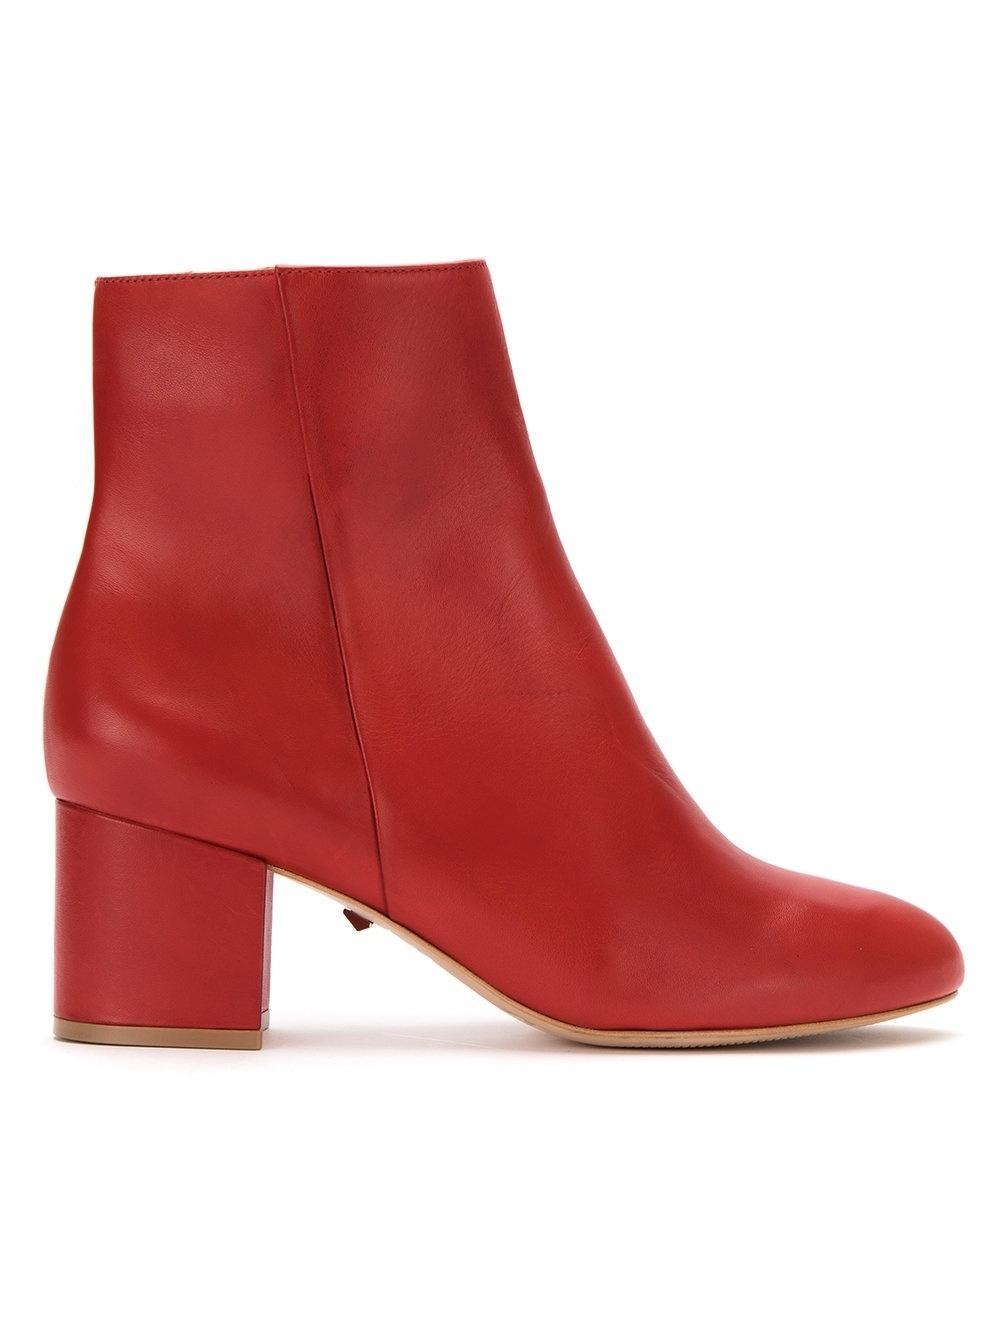 56e1708704 Bota vermelha: como usar o sapato que é tendência absoluta no inverno 2018